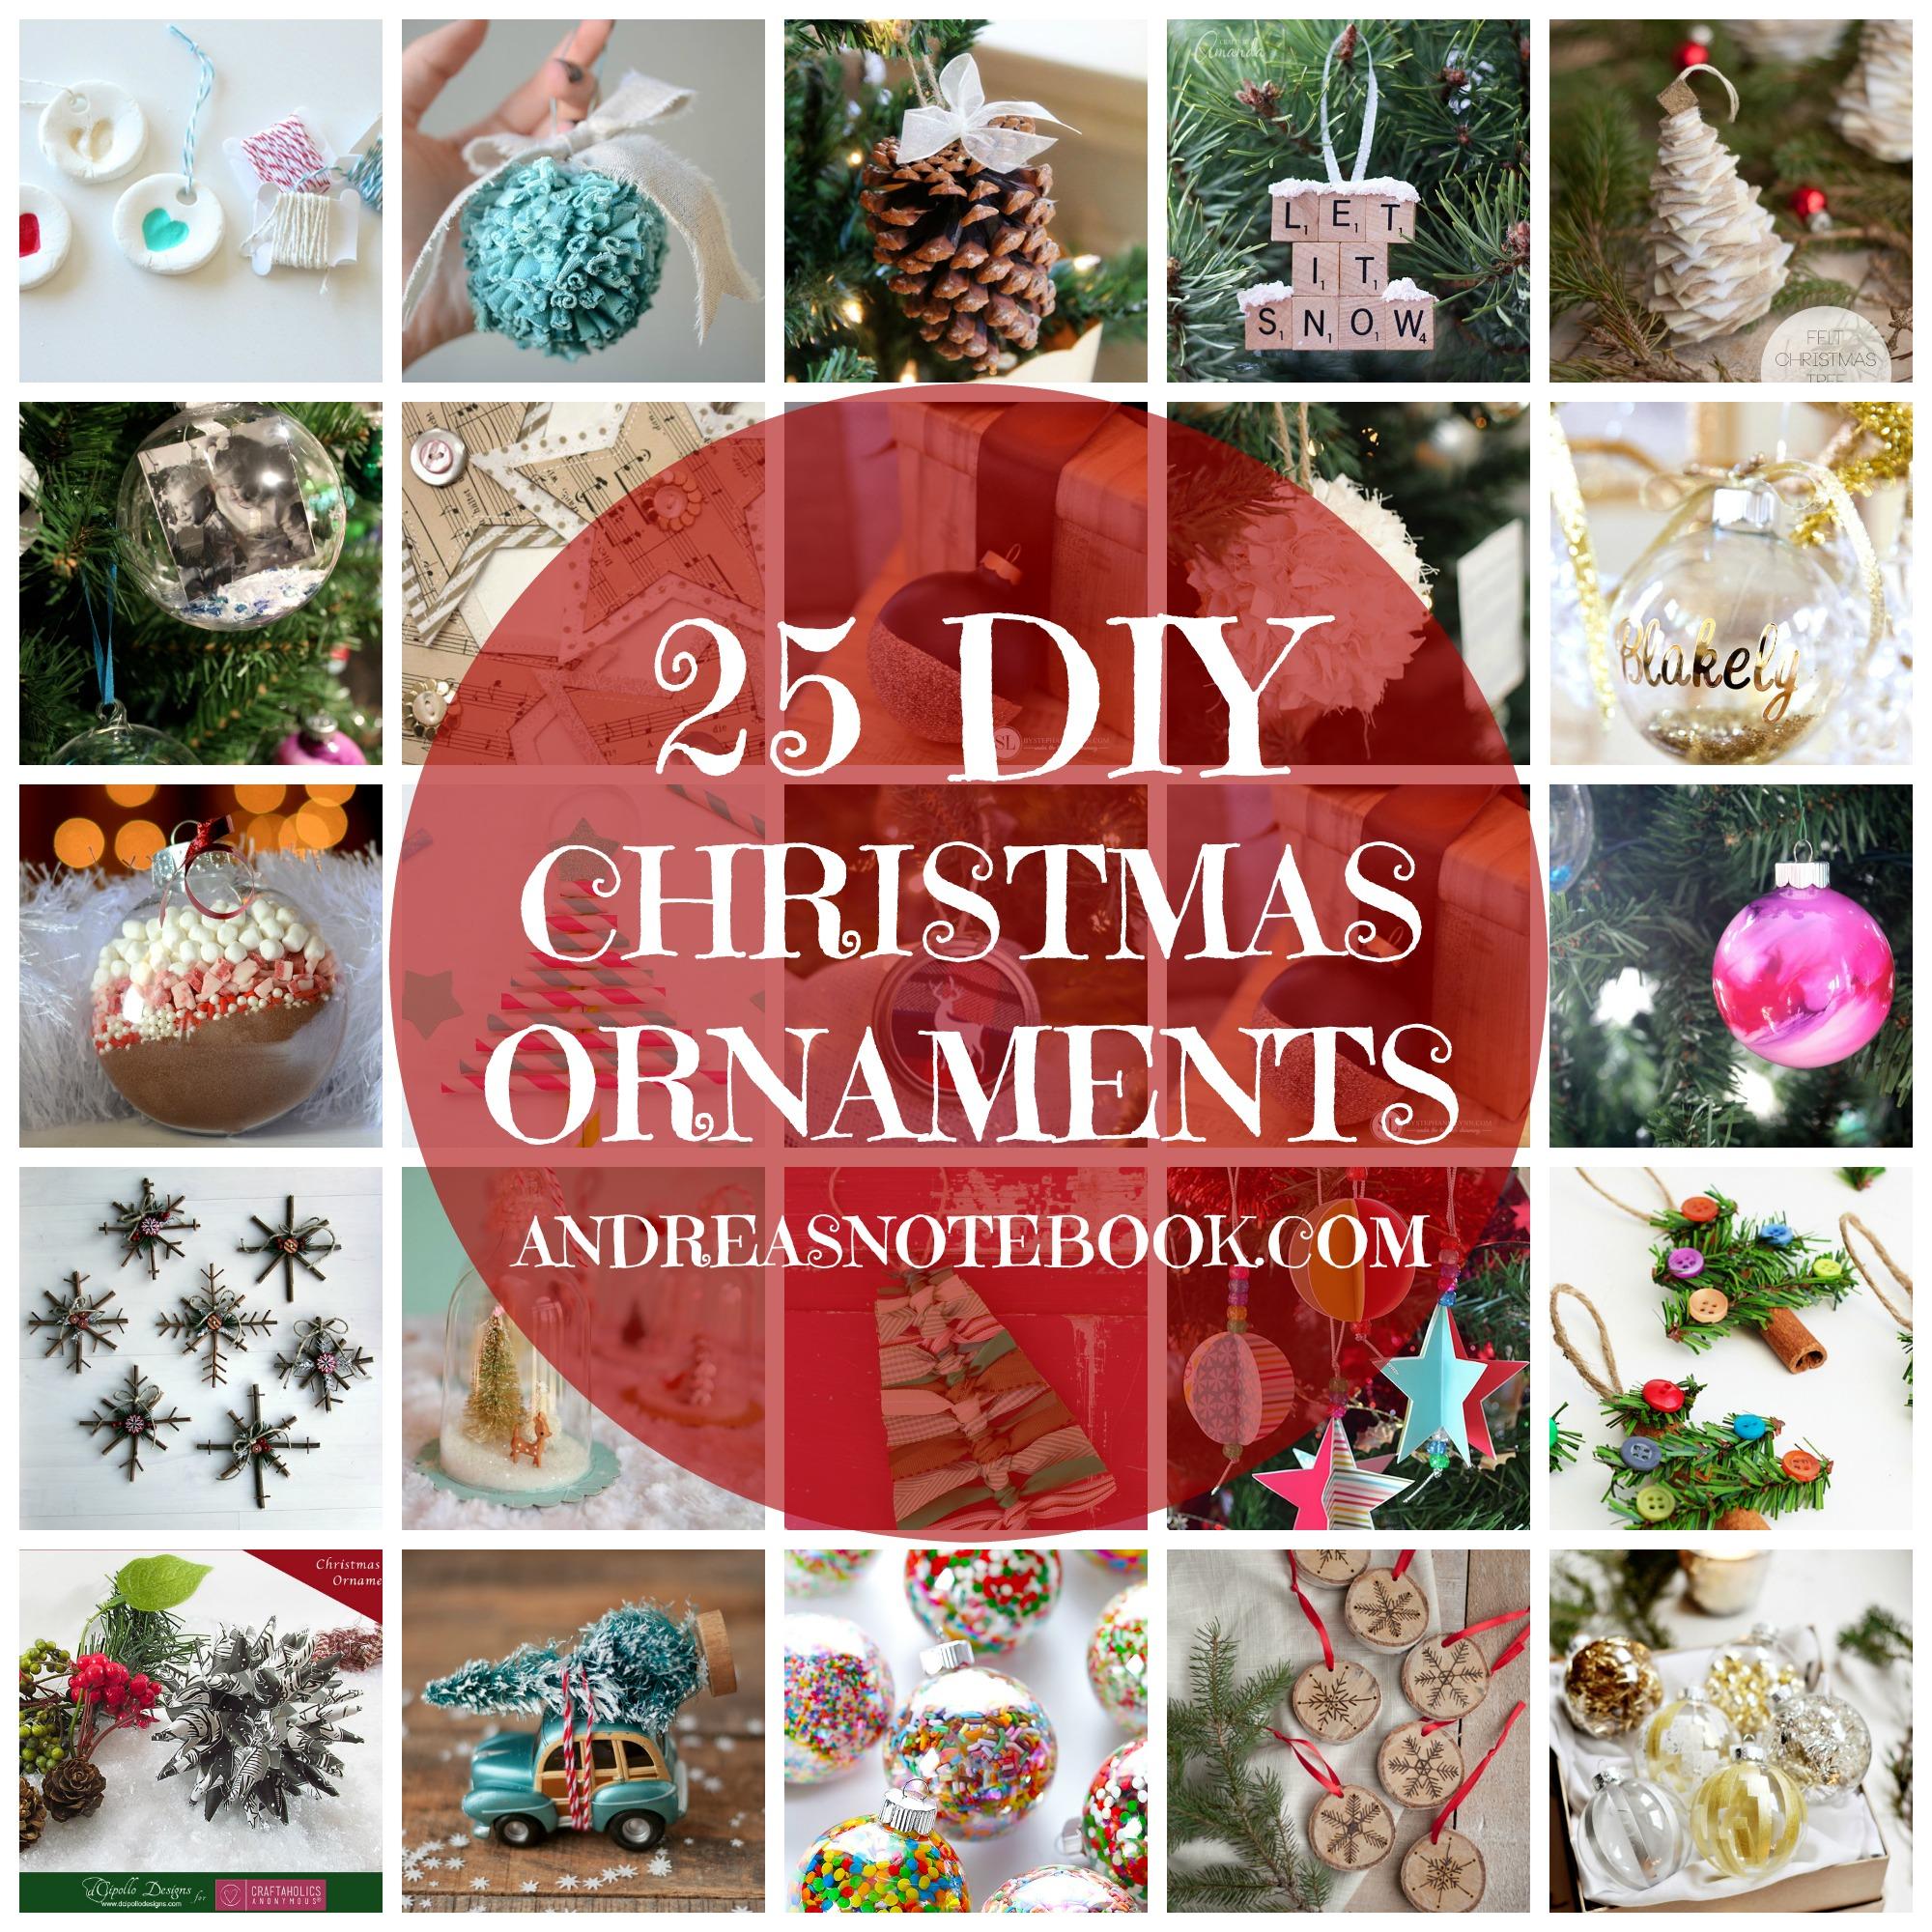 diy ornaments cover